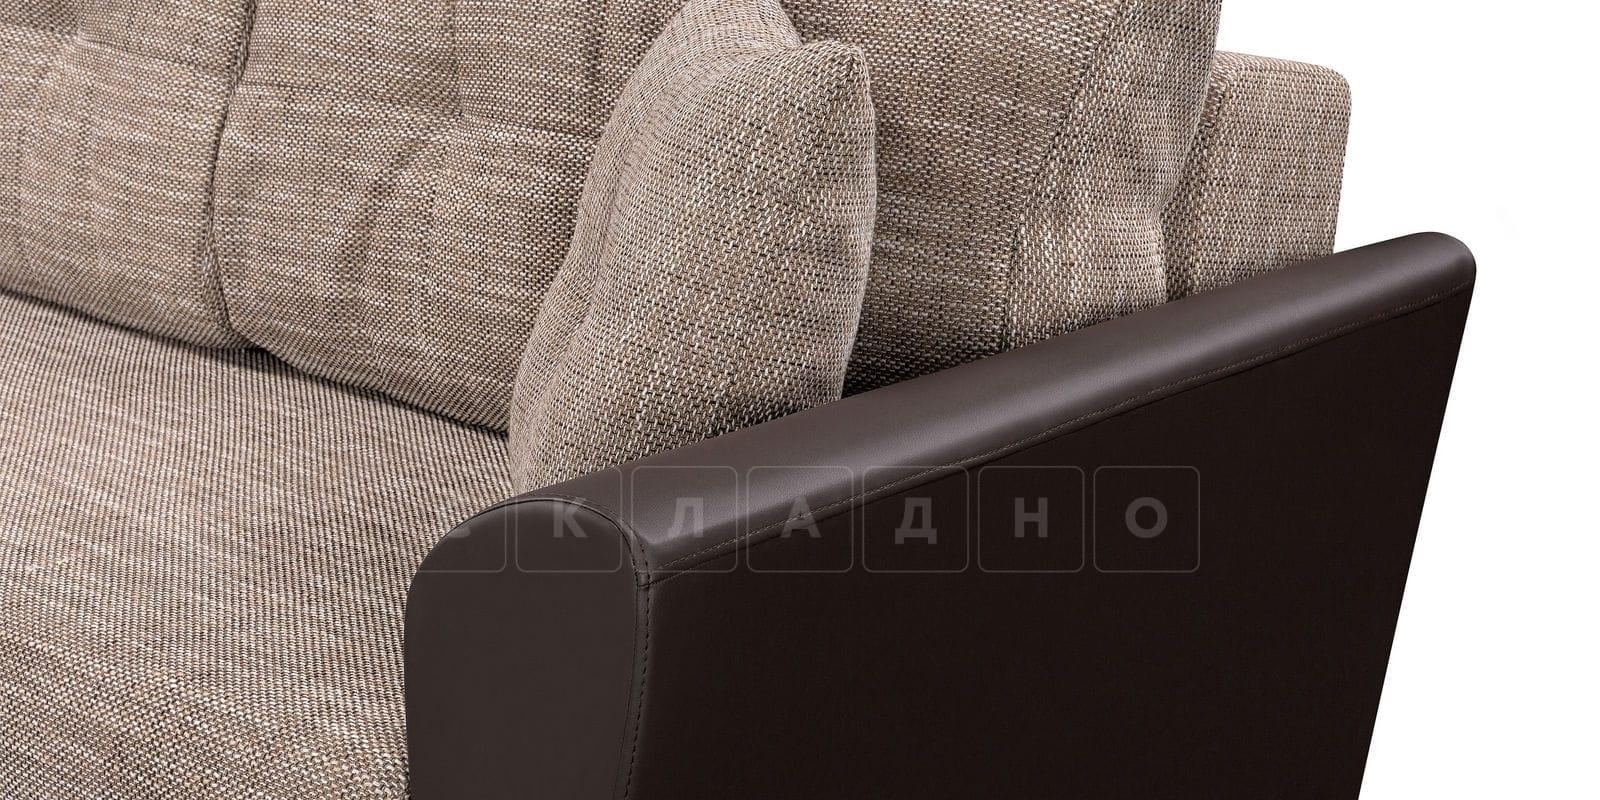 Диван прямой Амстердам кожаный с рогожкой коричневый фото 5 | интернет-магазин Складно